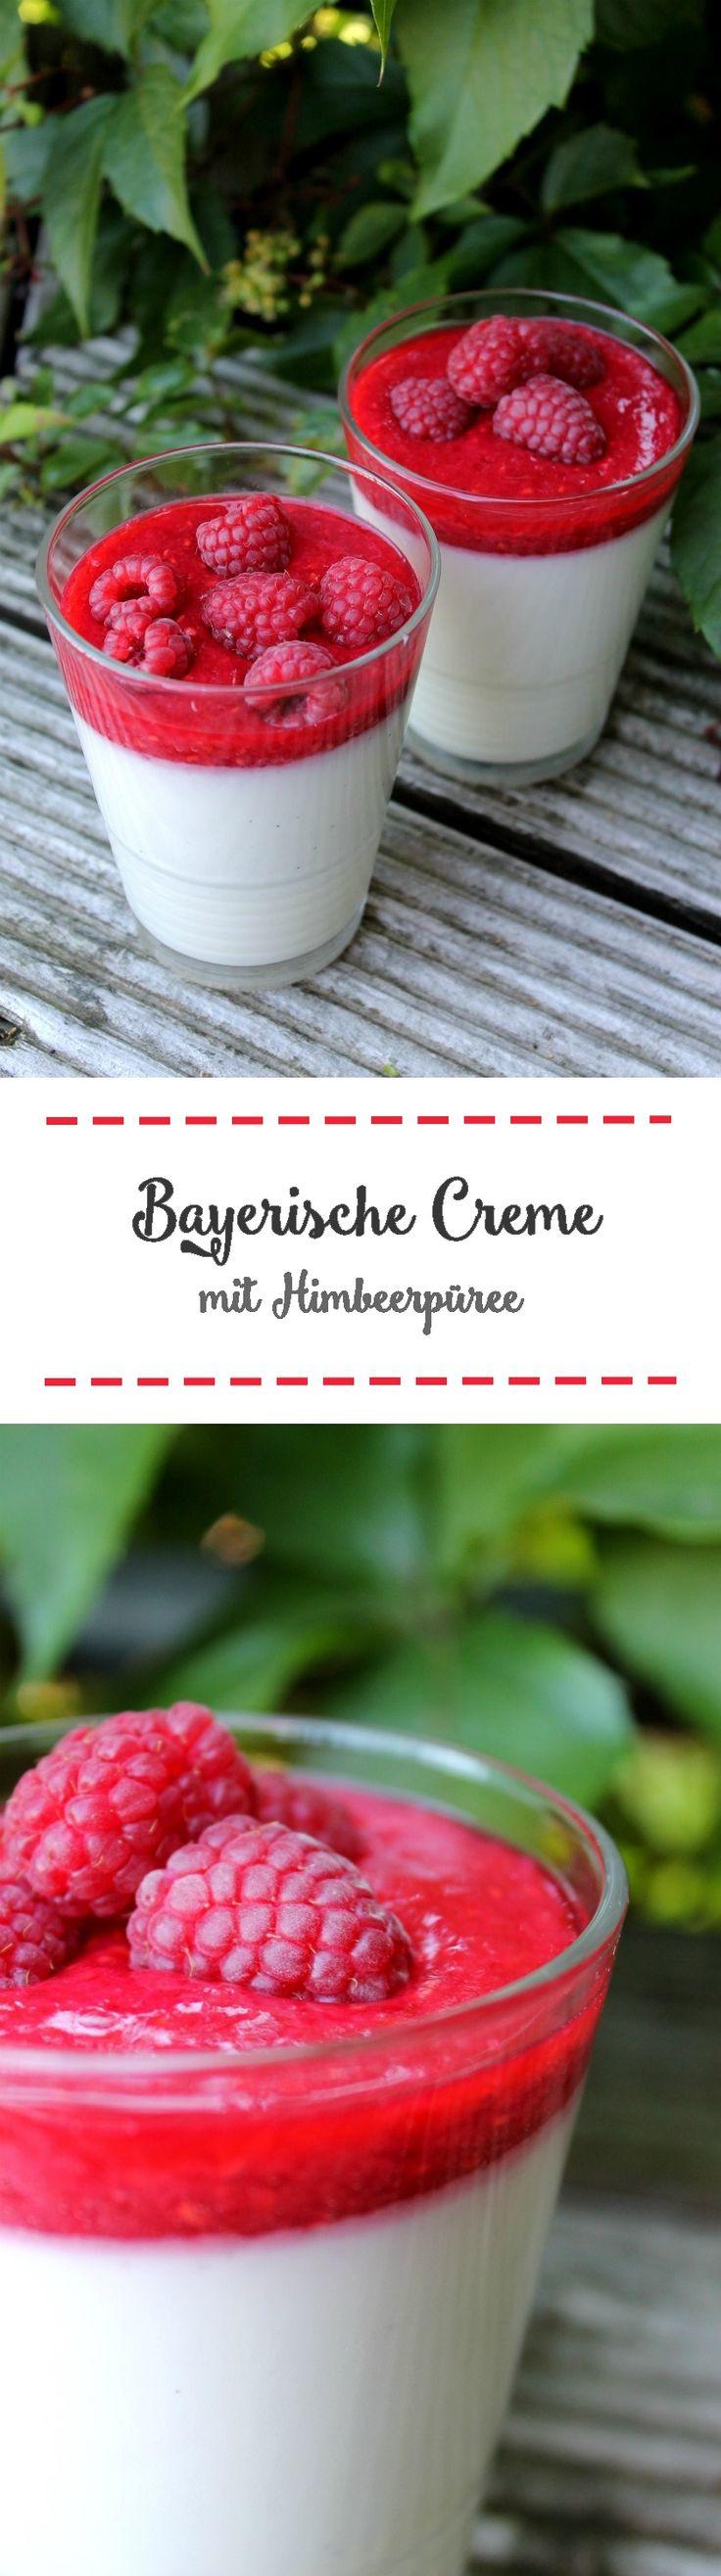 Bayerische Creme mit Himbeerpüree